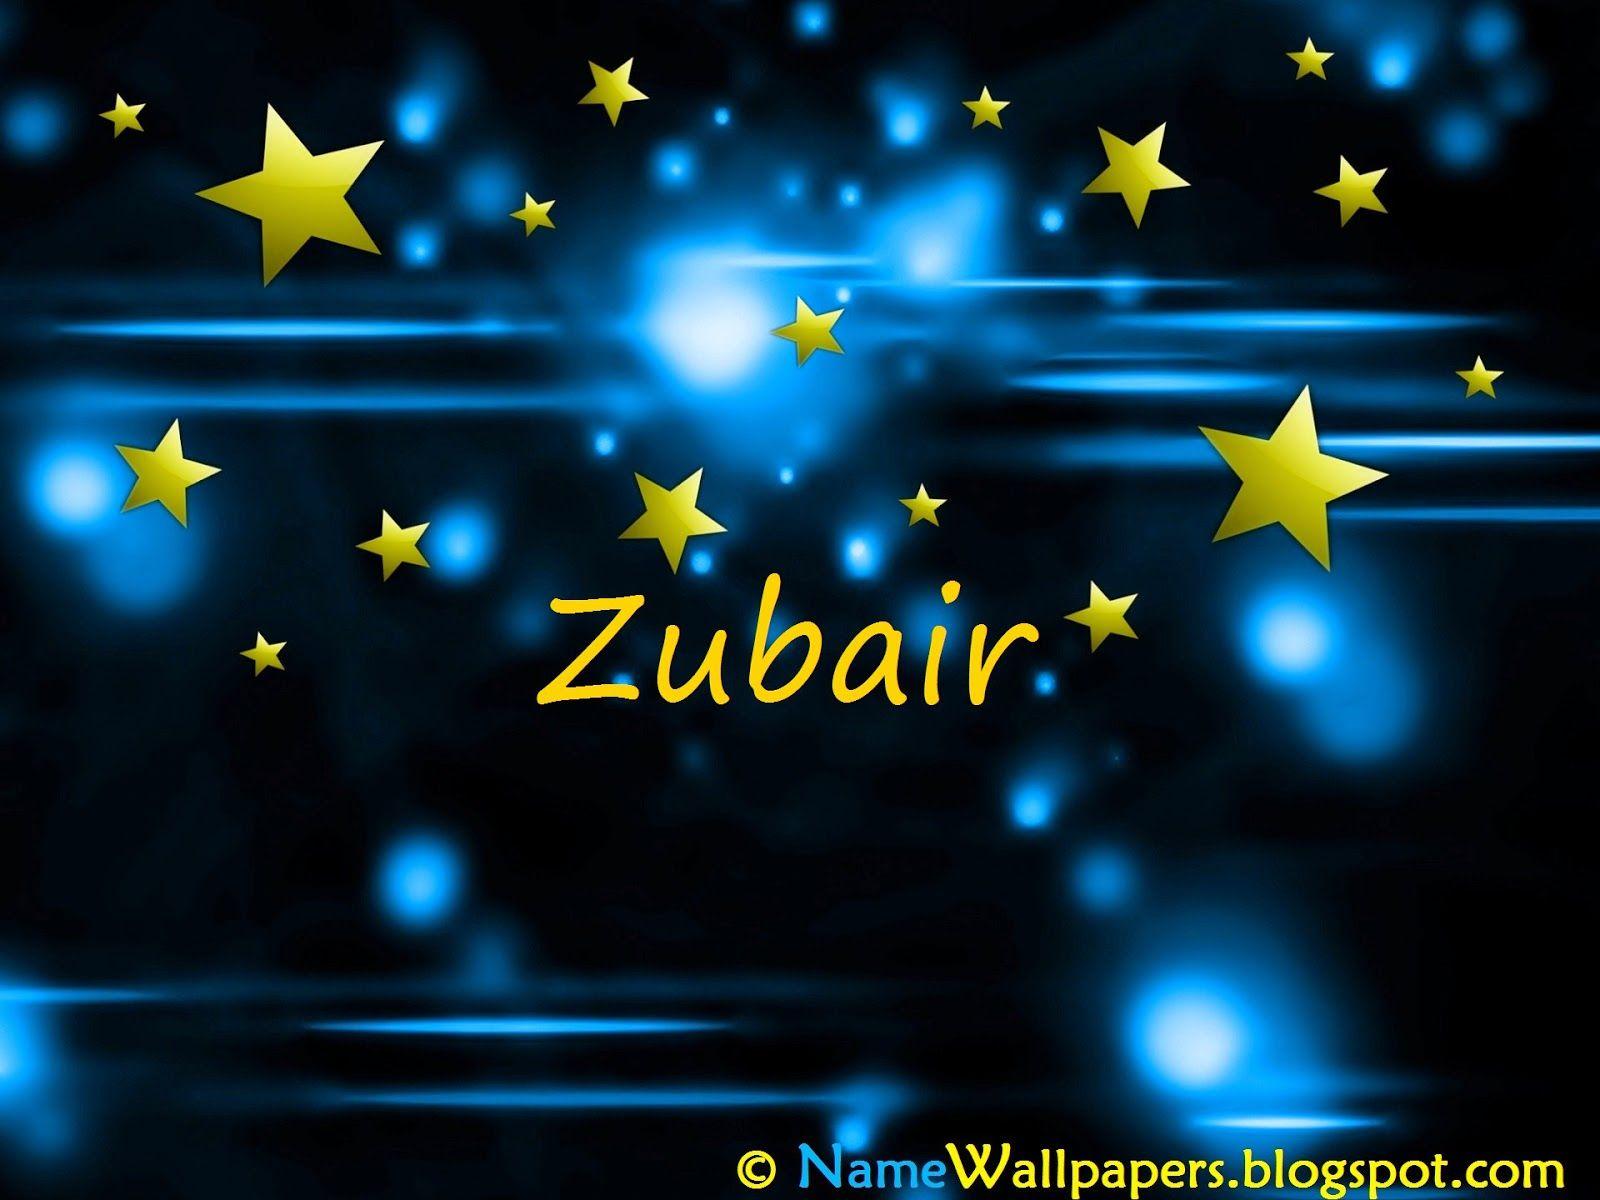 Zubair Name Wallpapers Wallpaper Urdu Meaning